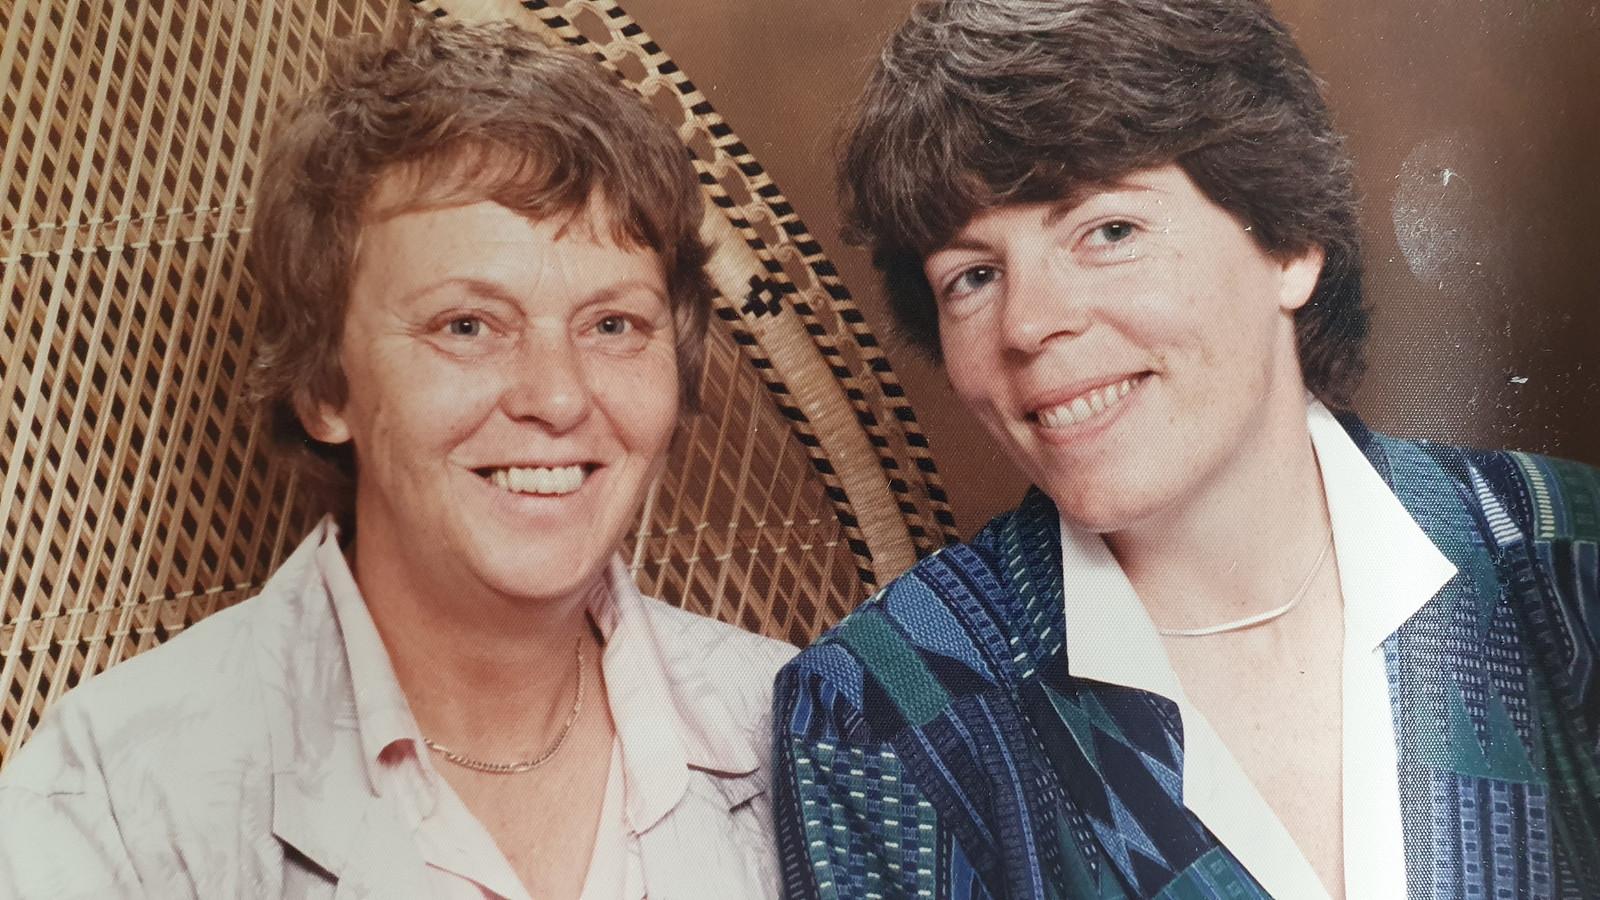 Els en haar echtgenote Cokky van Limpt.